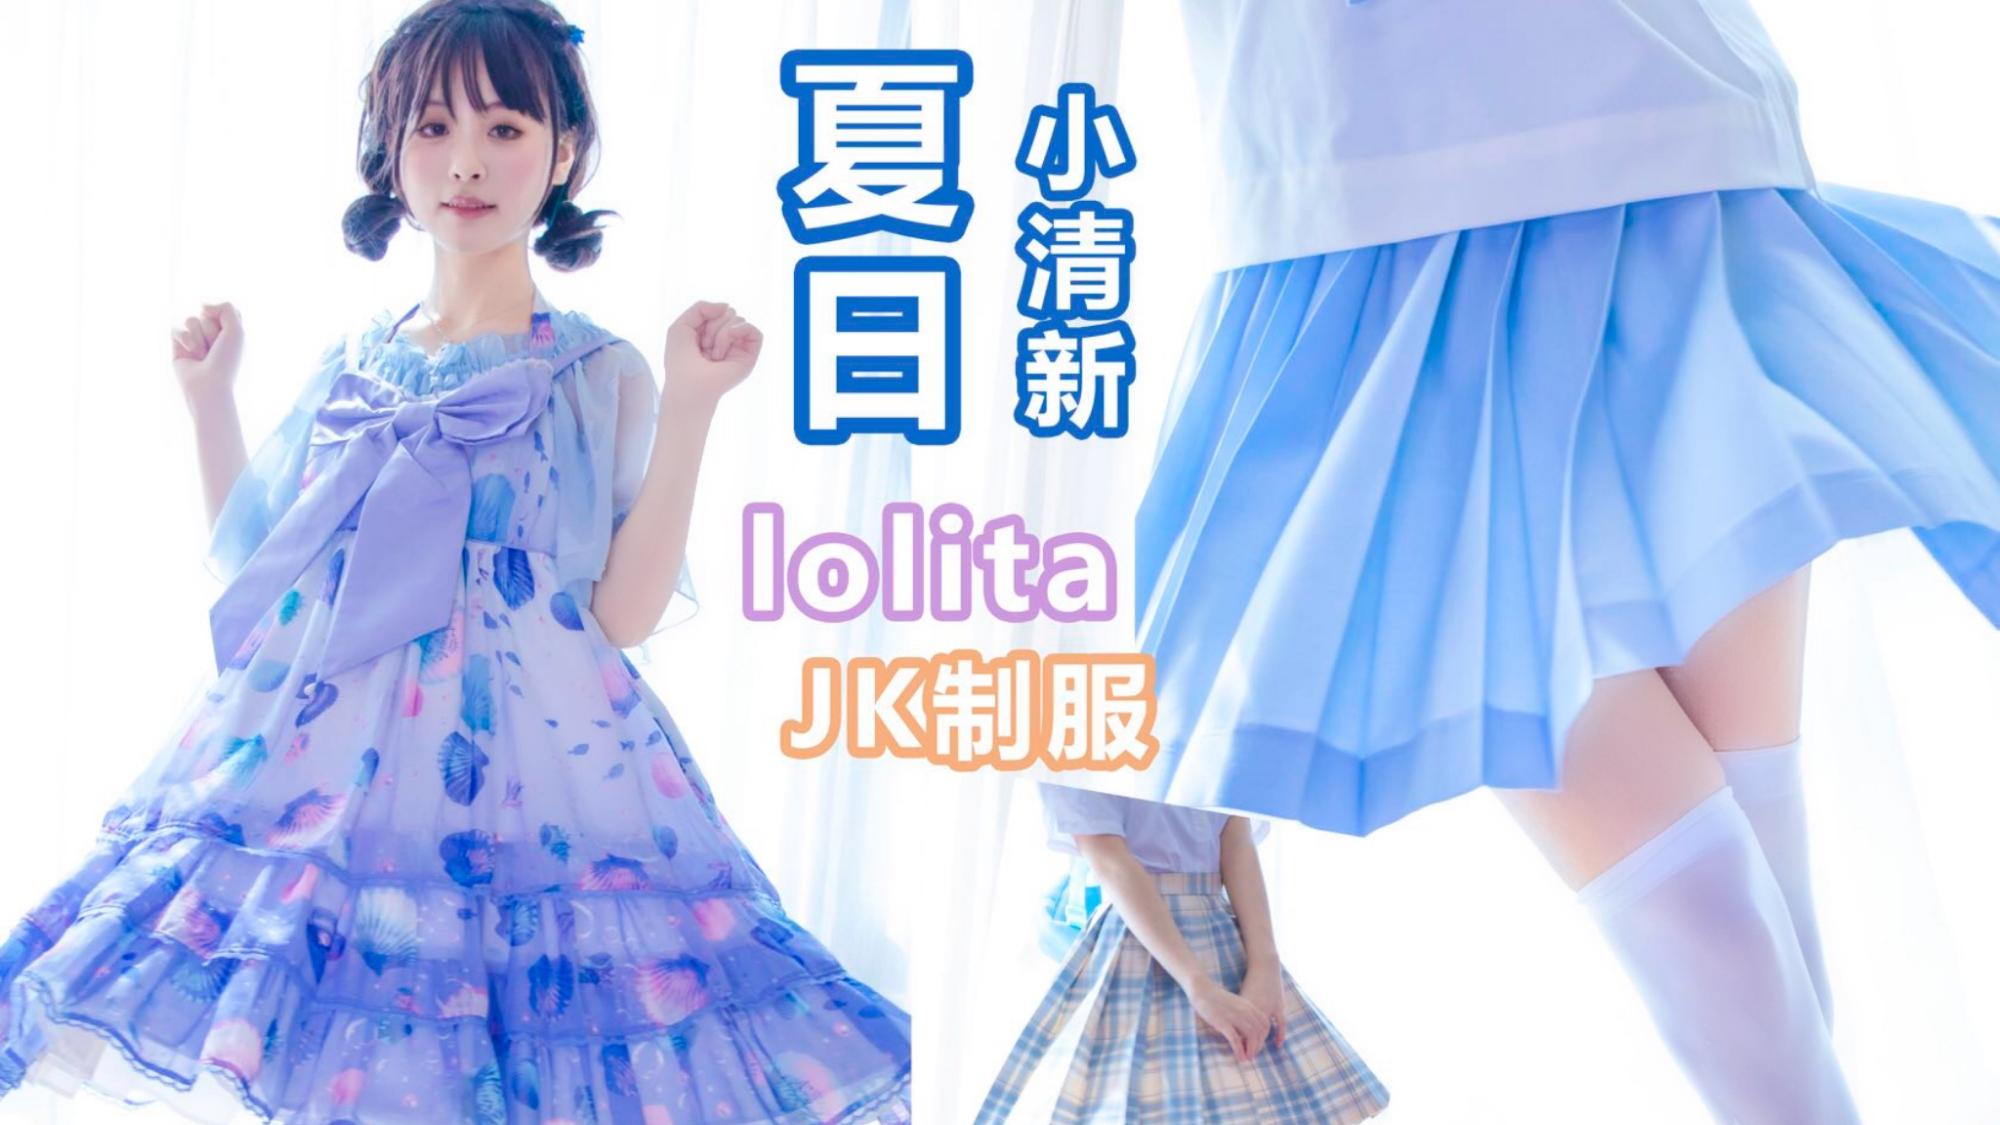 """【初投稿】夏日裙裙""""转圈圈"""",lolita&JK制服分享!求五蕉"""